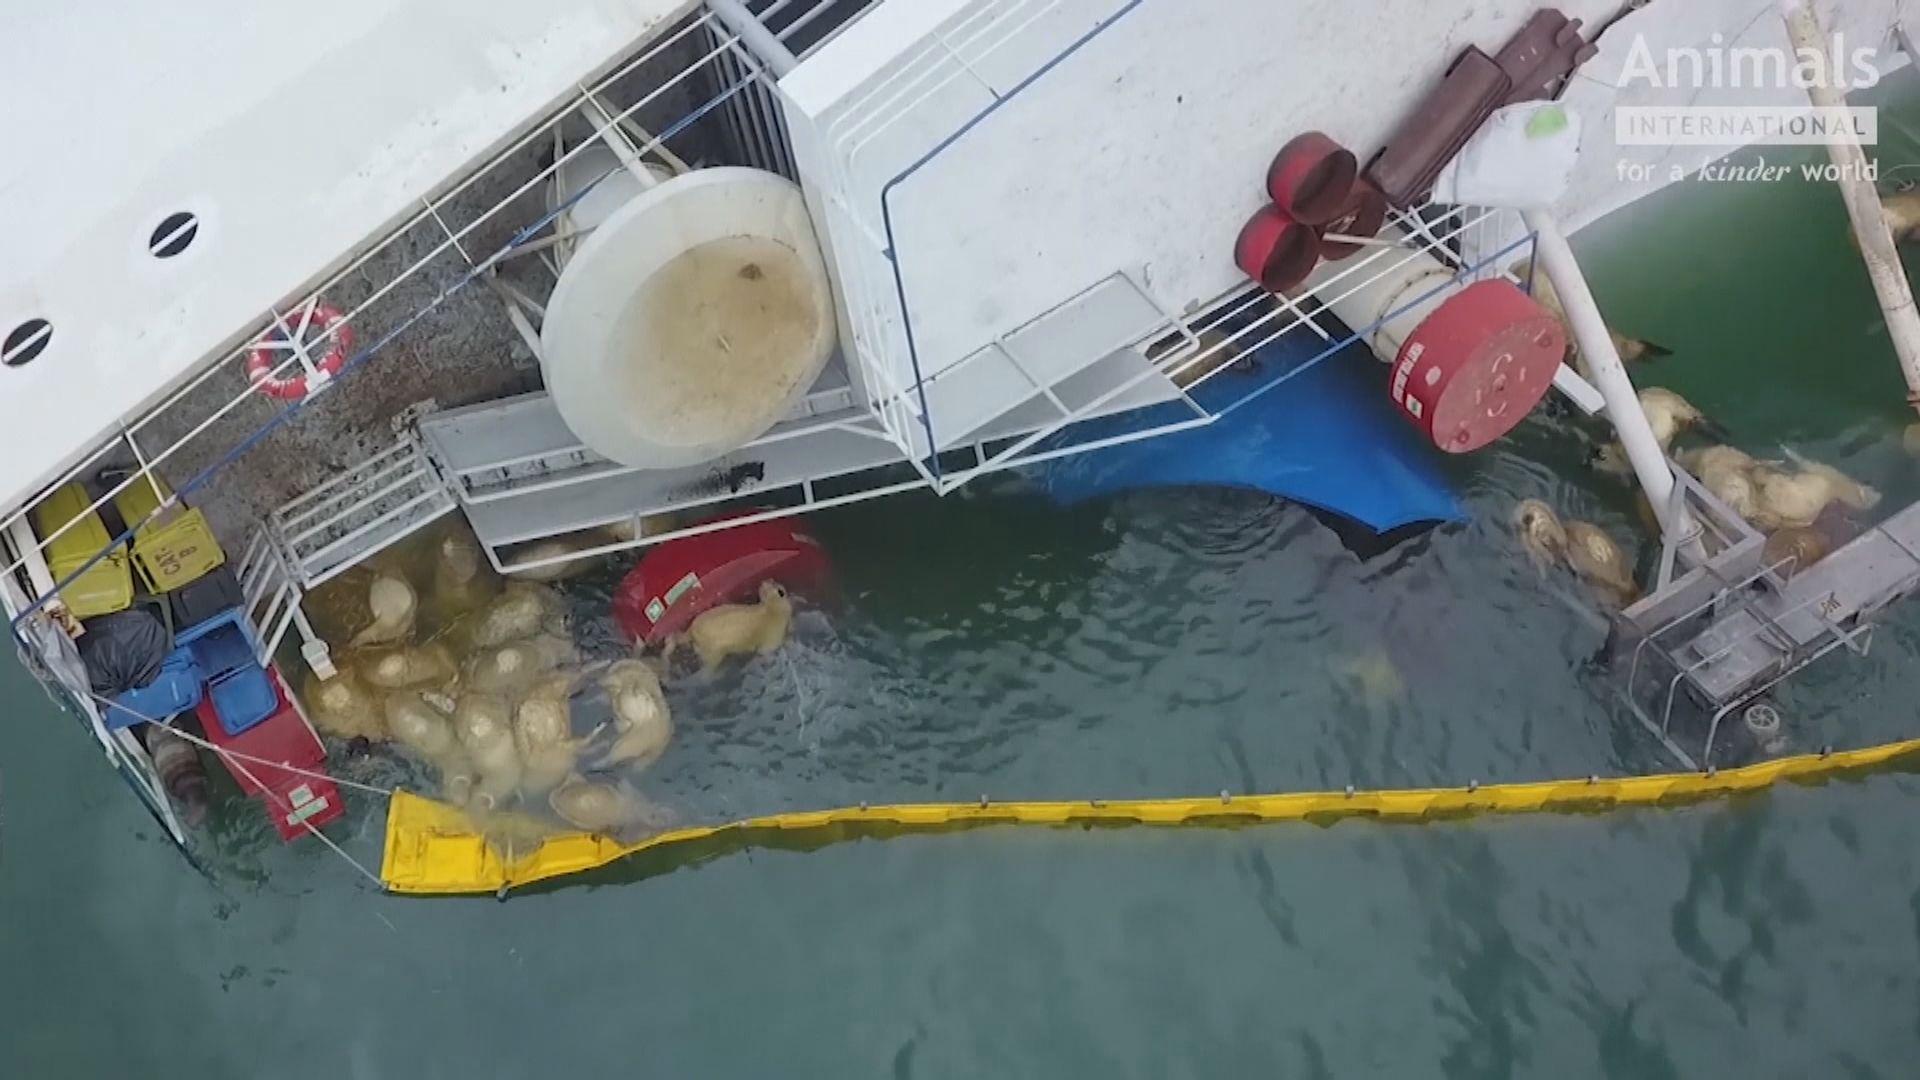 【環球薈報】羅馬尼亞貨船翻側過萬羊隻凶多吉少